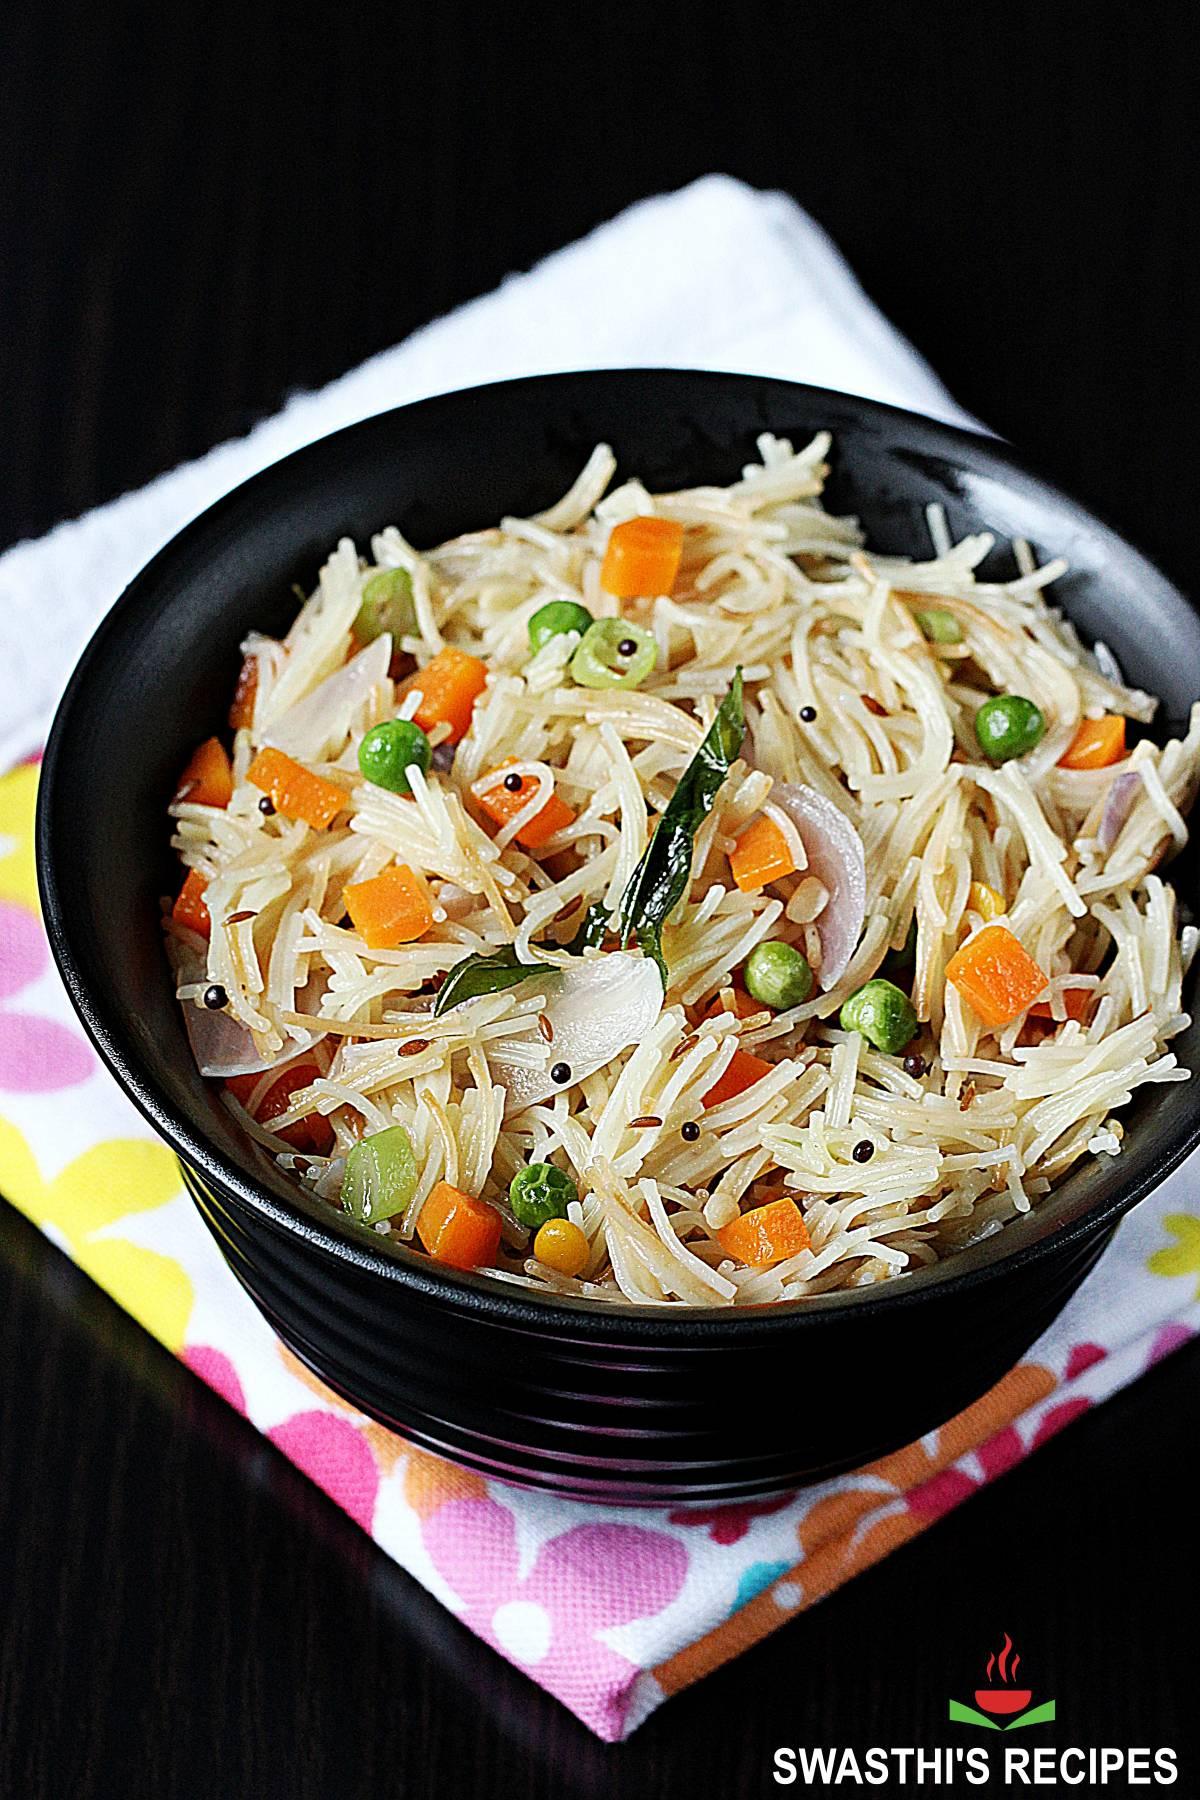 semiya upma with vegetables